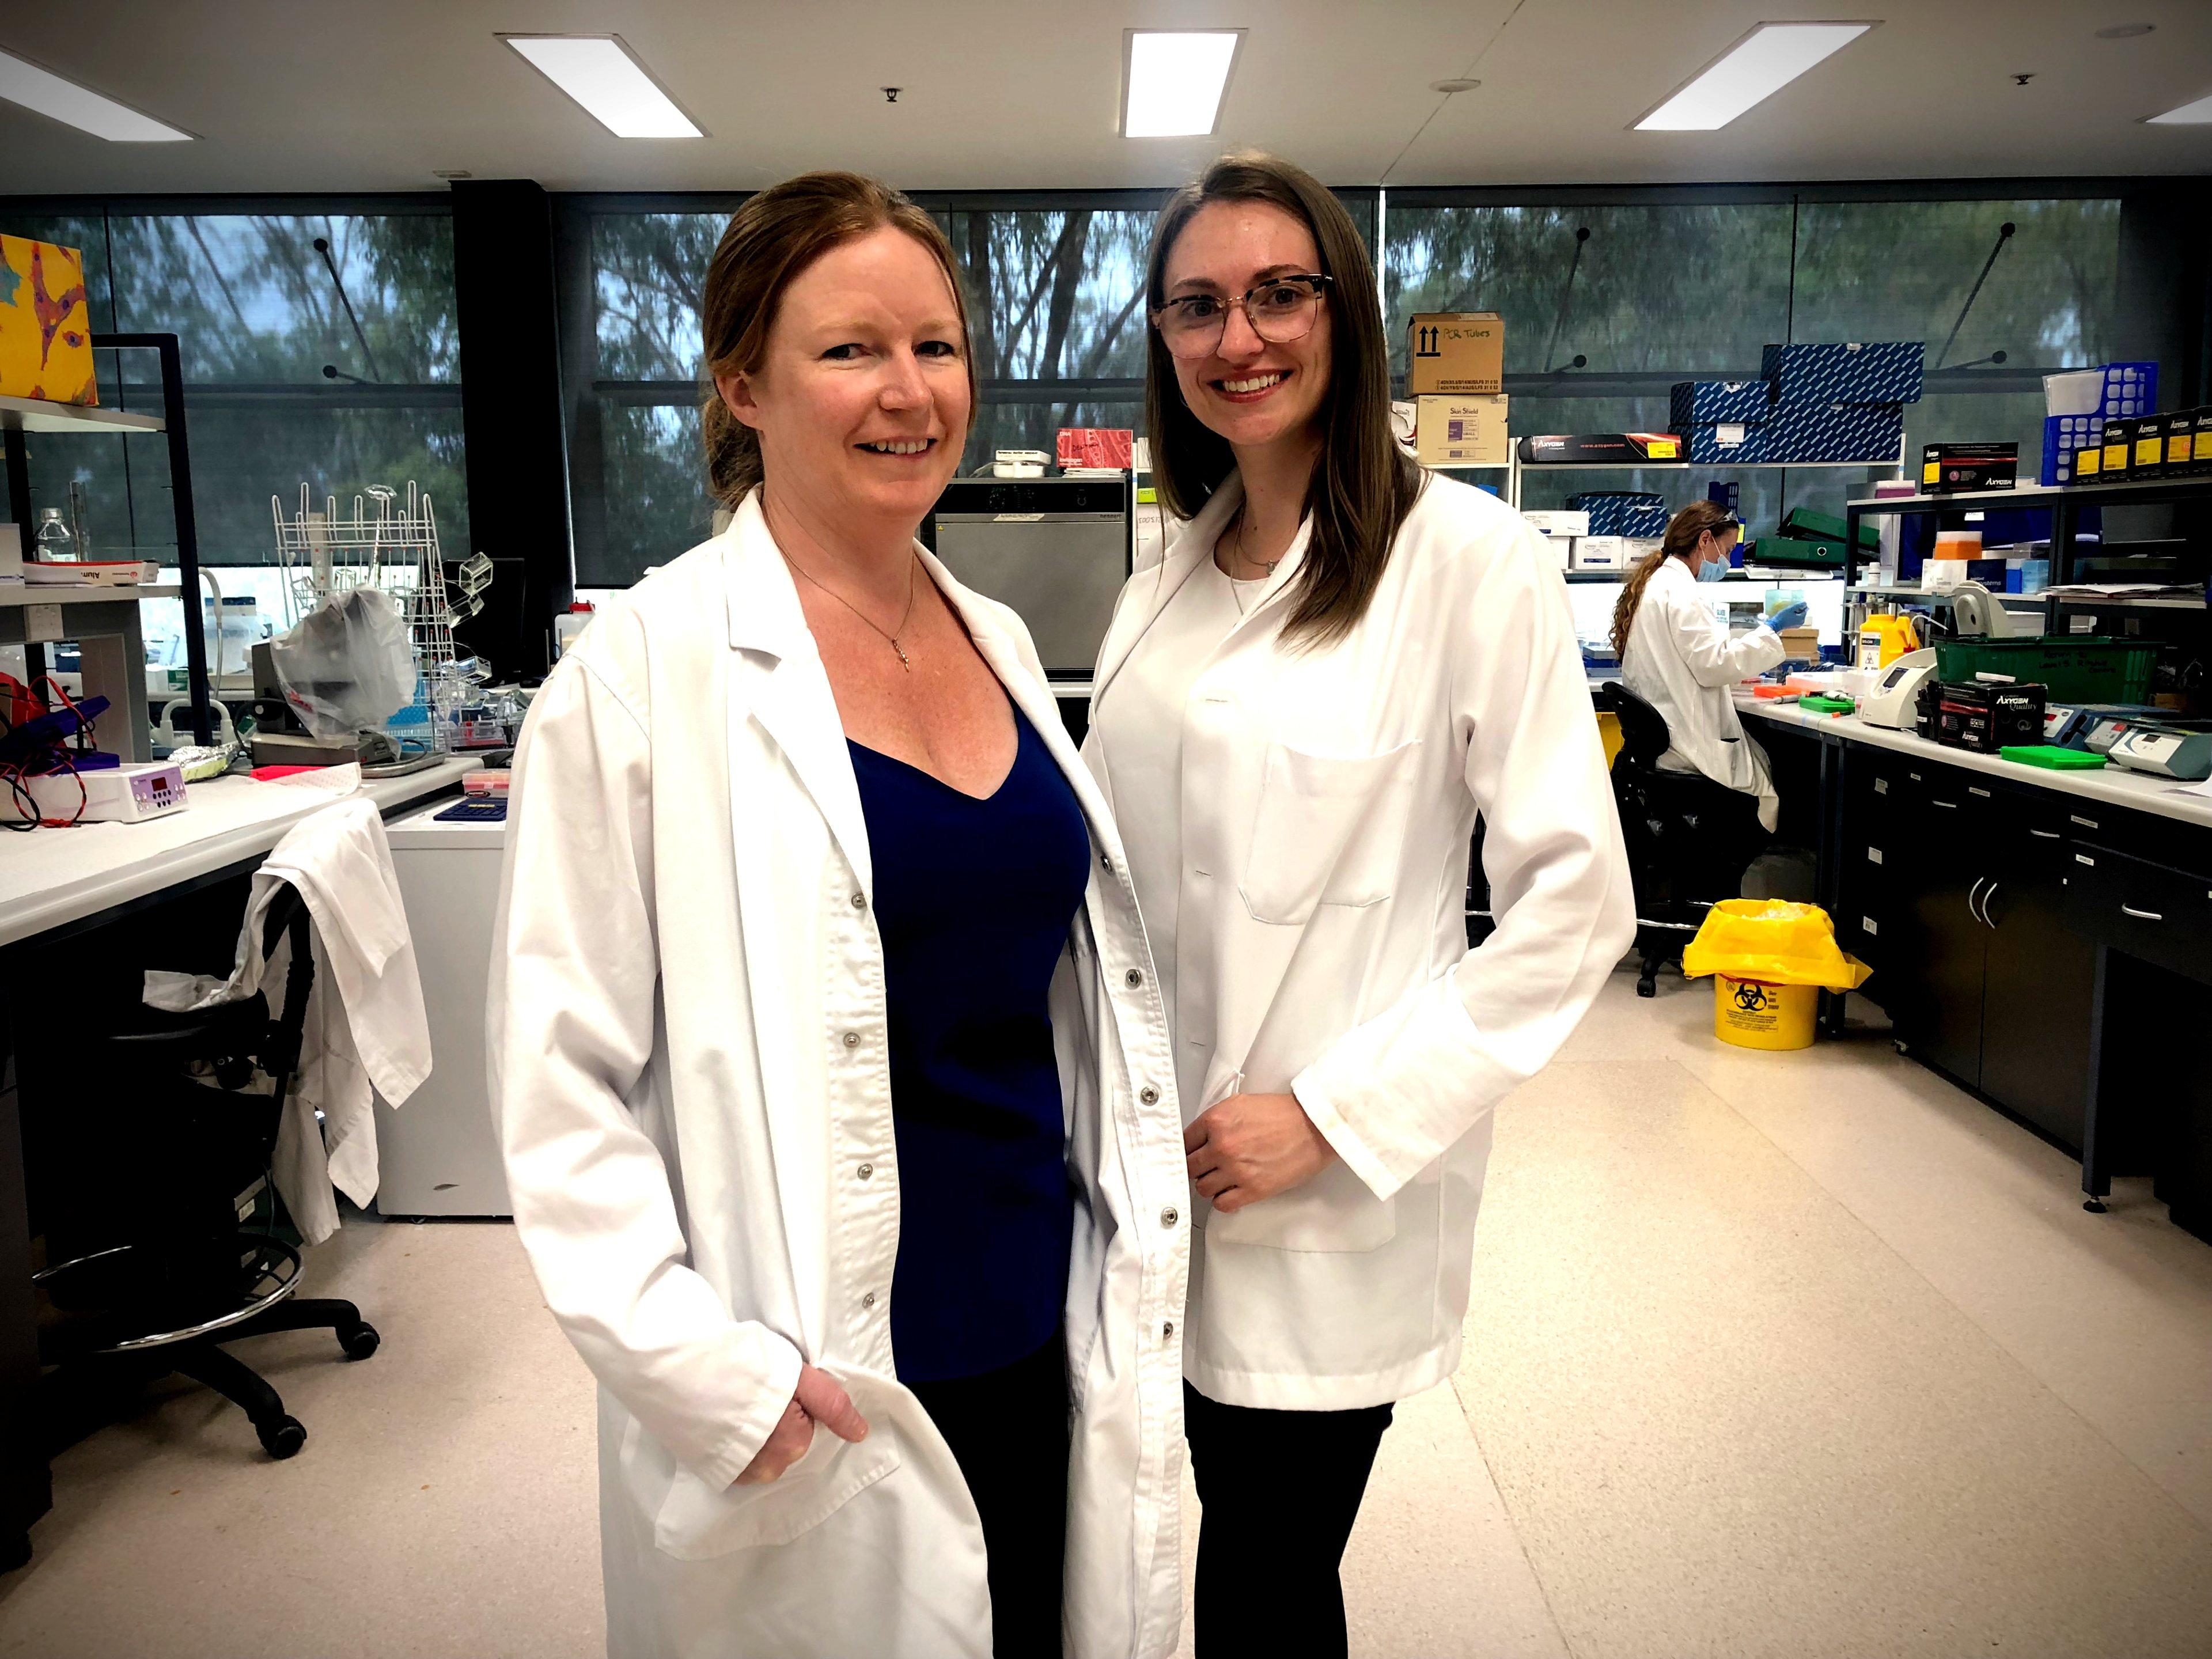 L-R: Associate Professor Sarah Spencer and Dr Simone De Luca